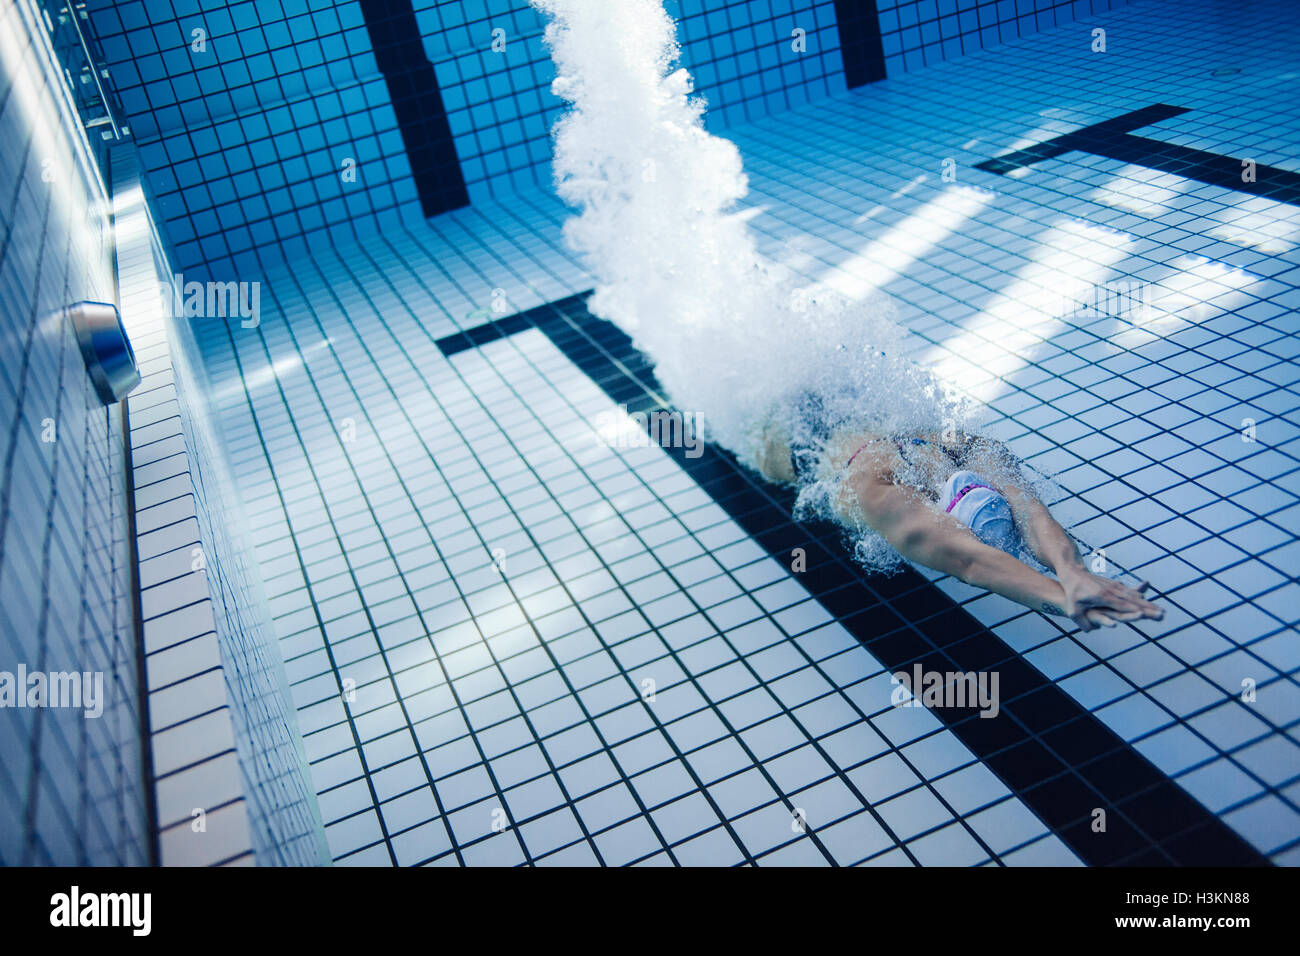 Unterwasser Aufnahme des weiblichen Schwimmer Schwimmen im Pool. Passen Sie junge weibliche Schwimmer Ausbildung Stockfoto